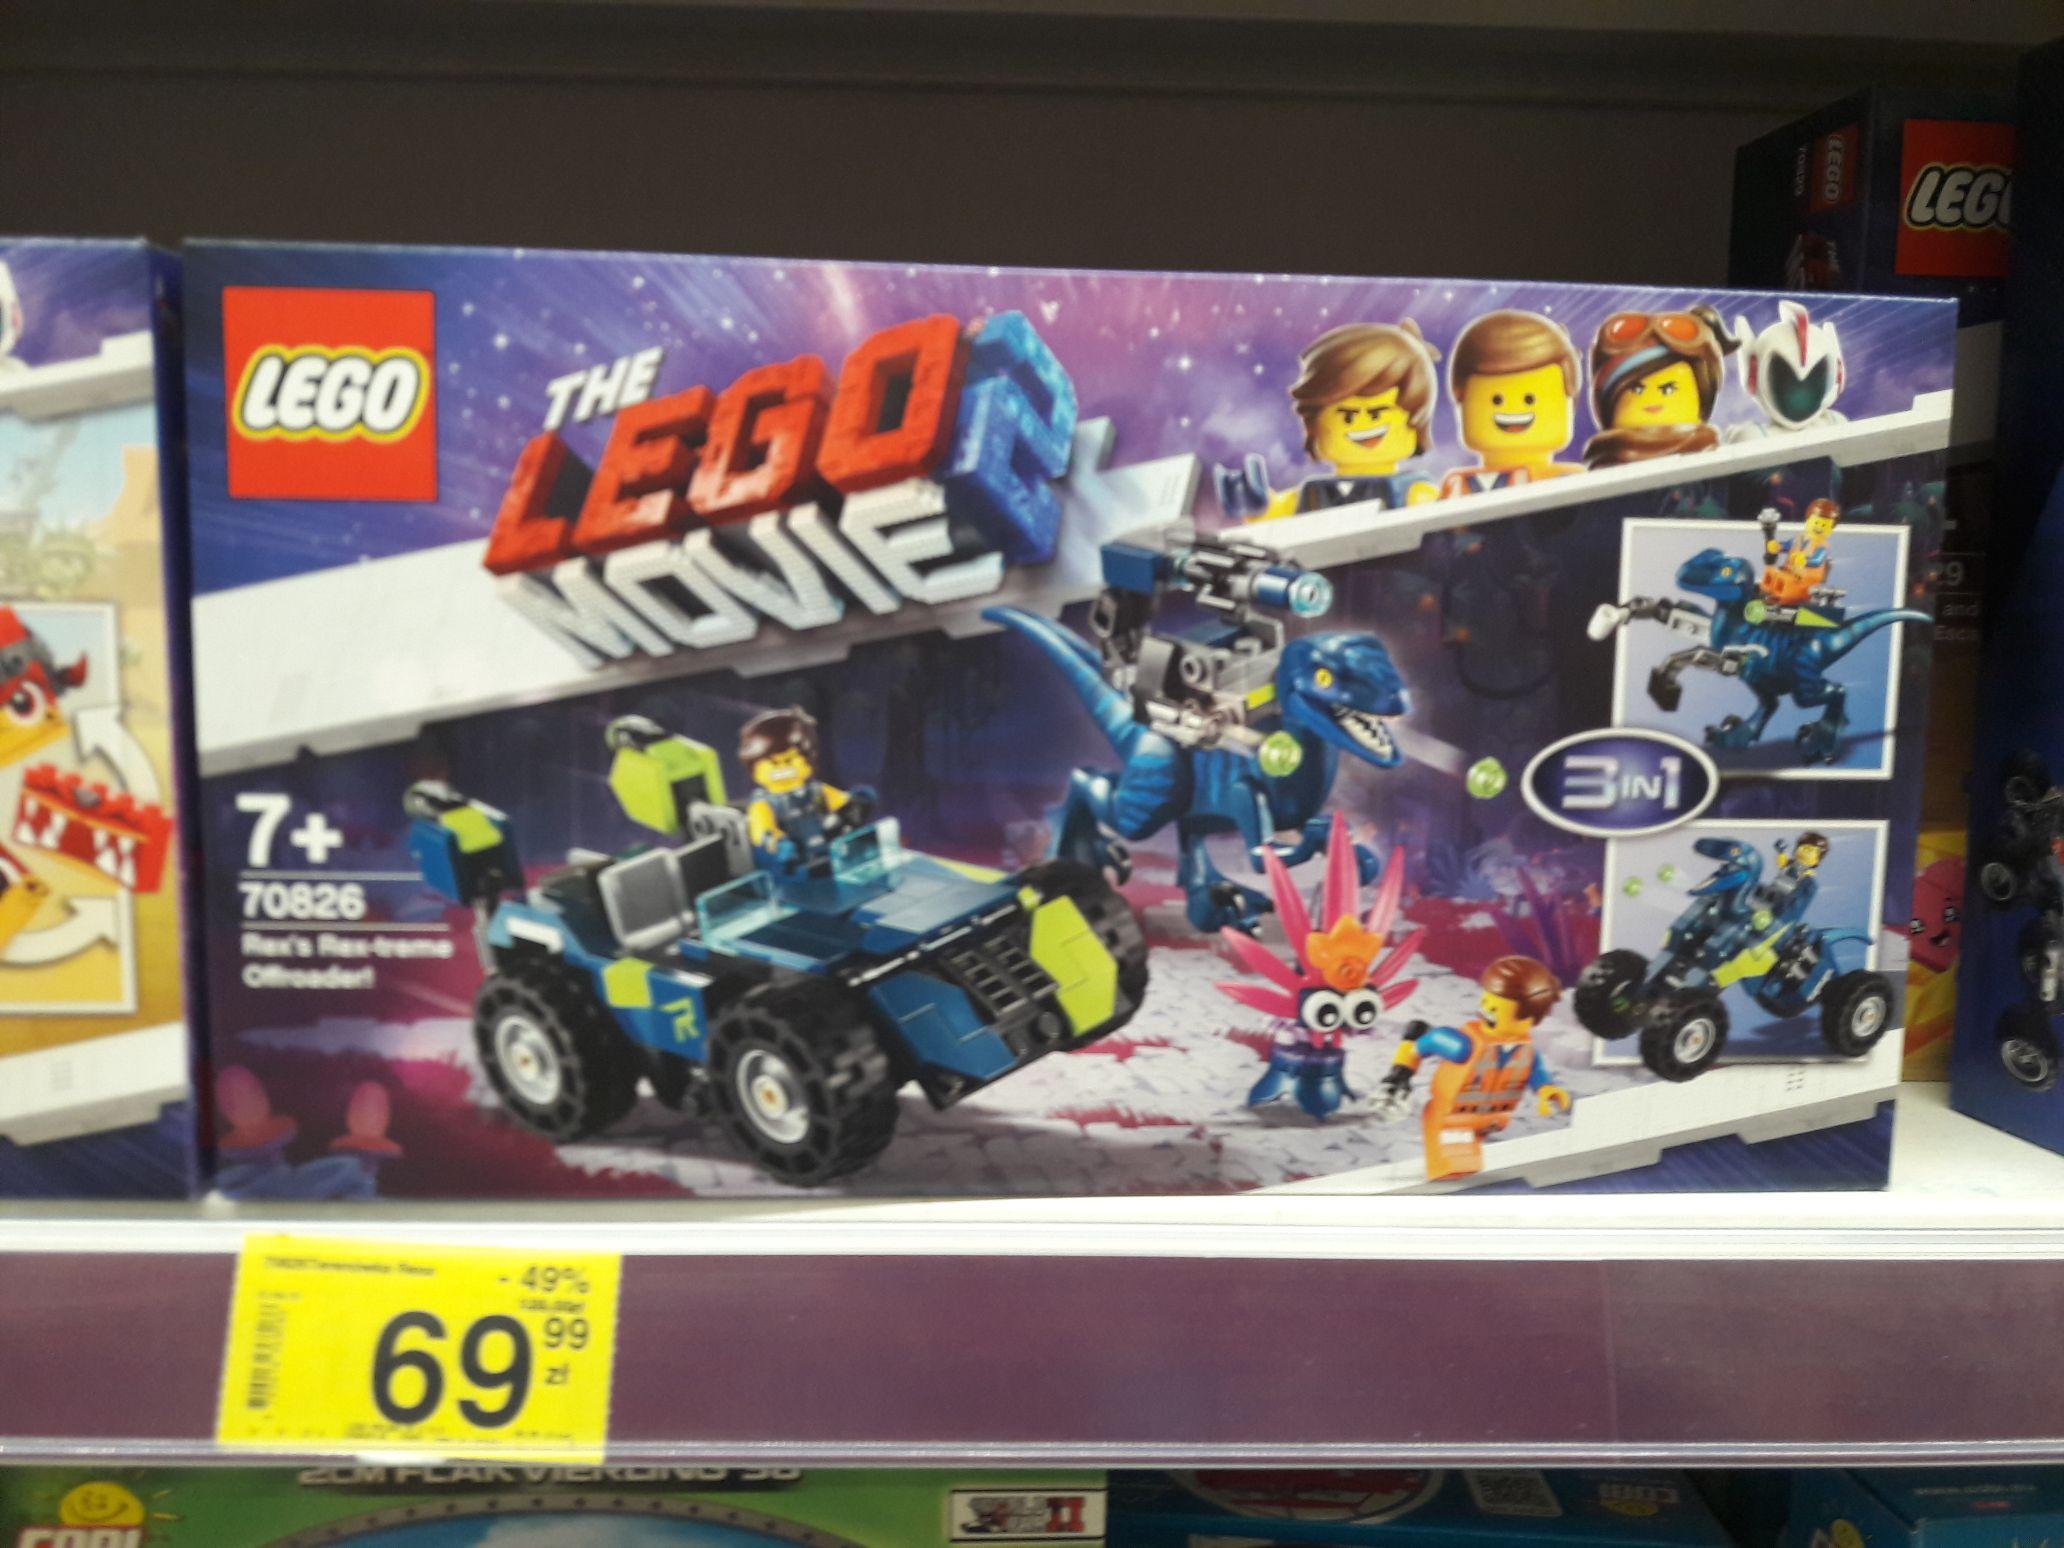 Lego Promocje I Rabaty W 2019 Pepperpl